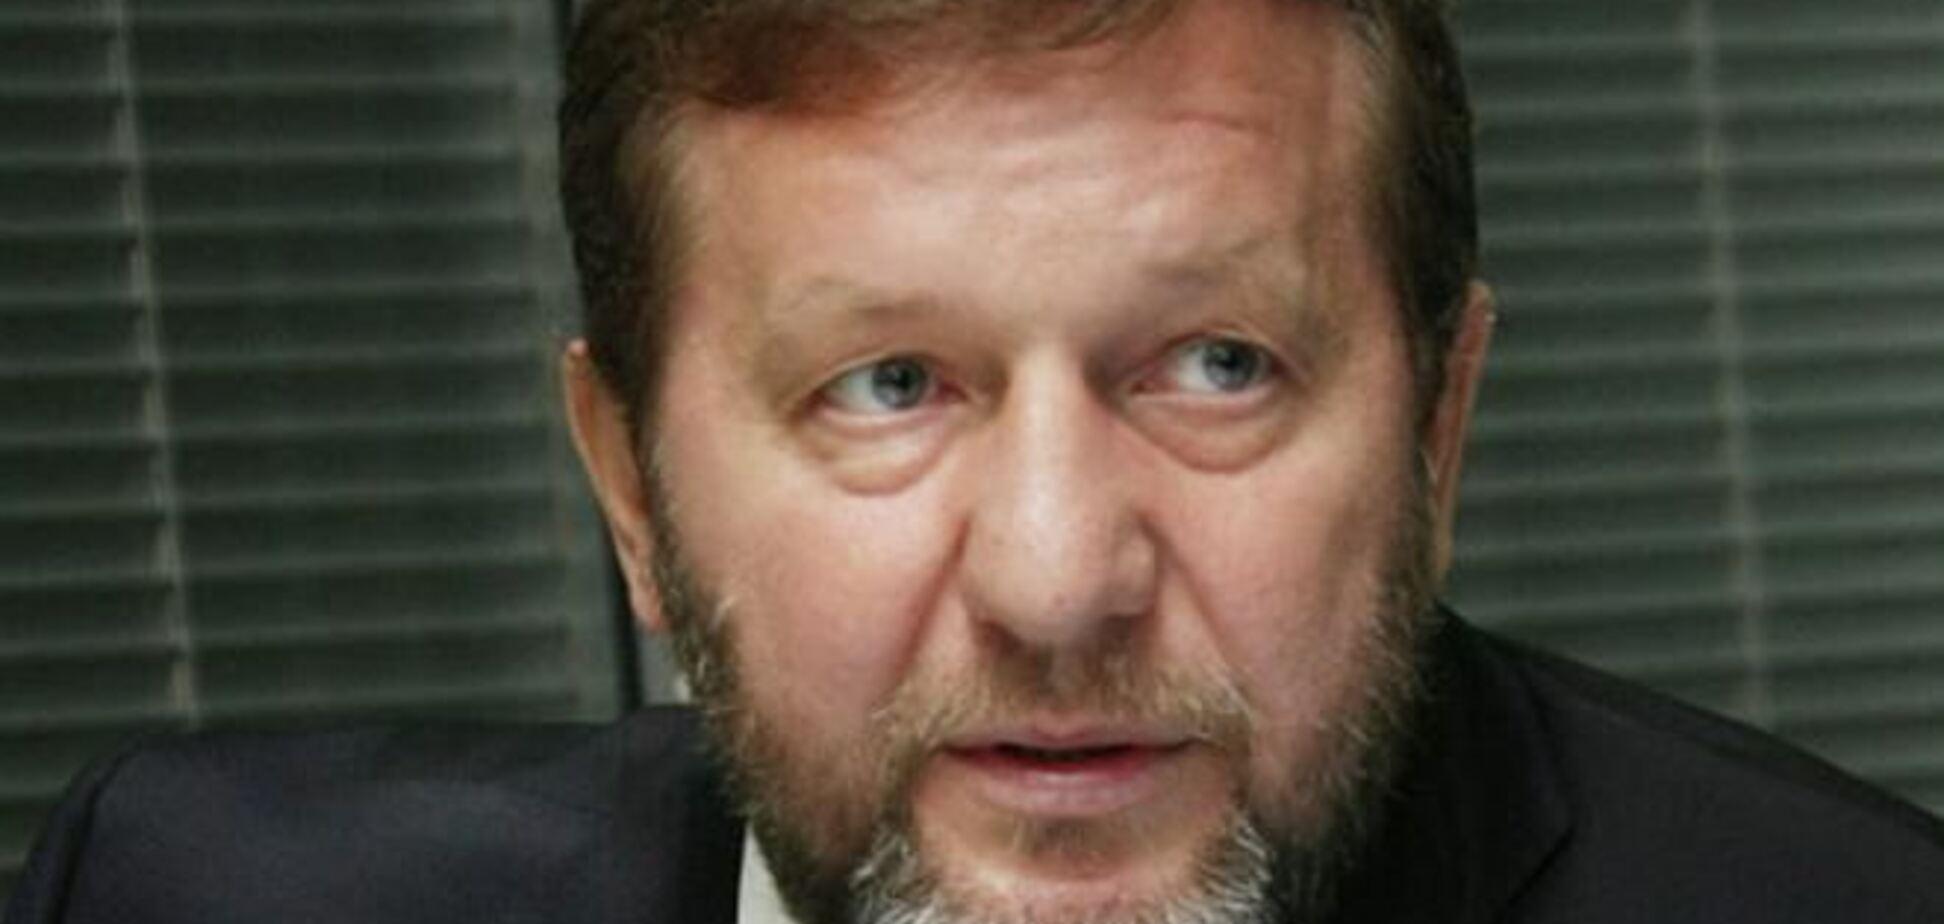 НАТО может передать Украине ядерные боеголовки - экс-вице-премьер России